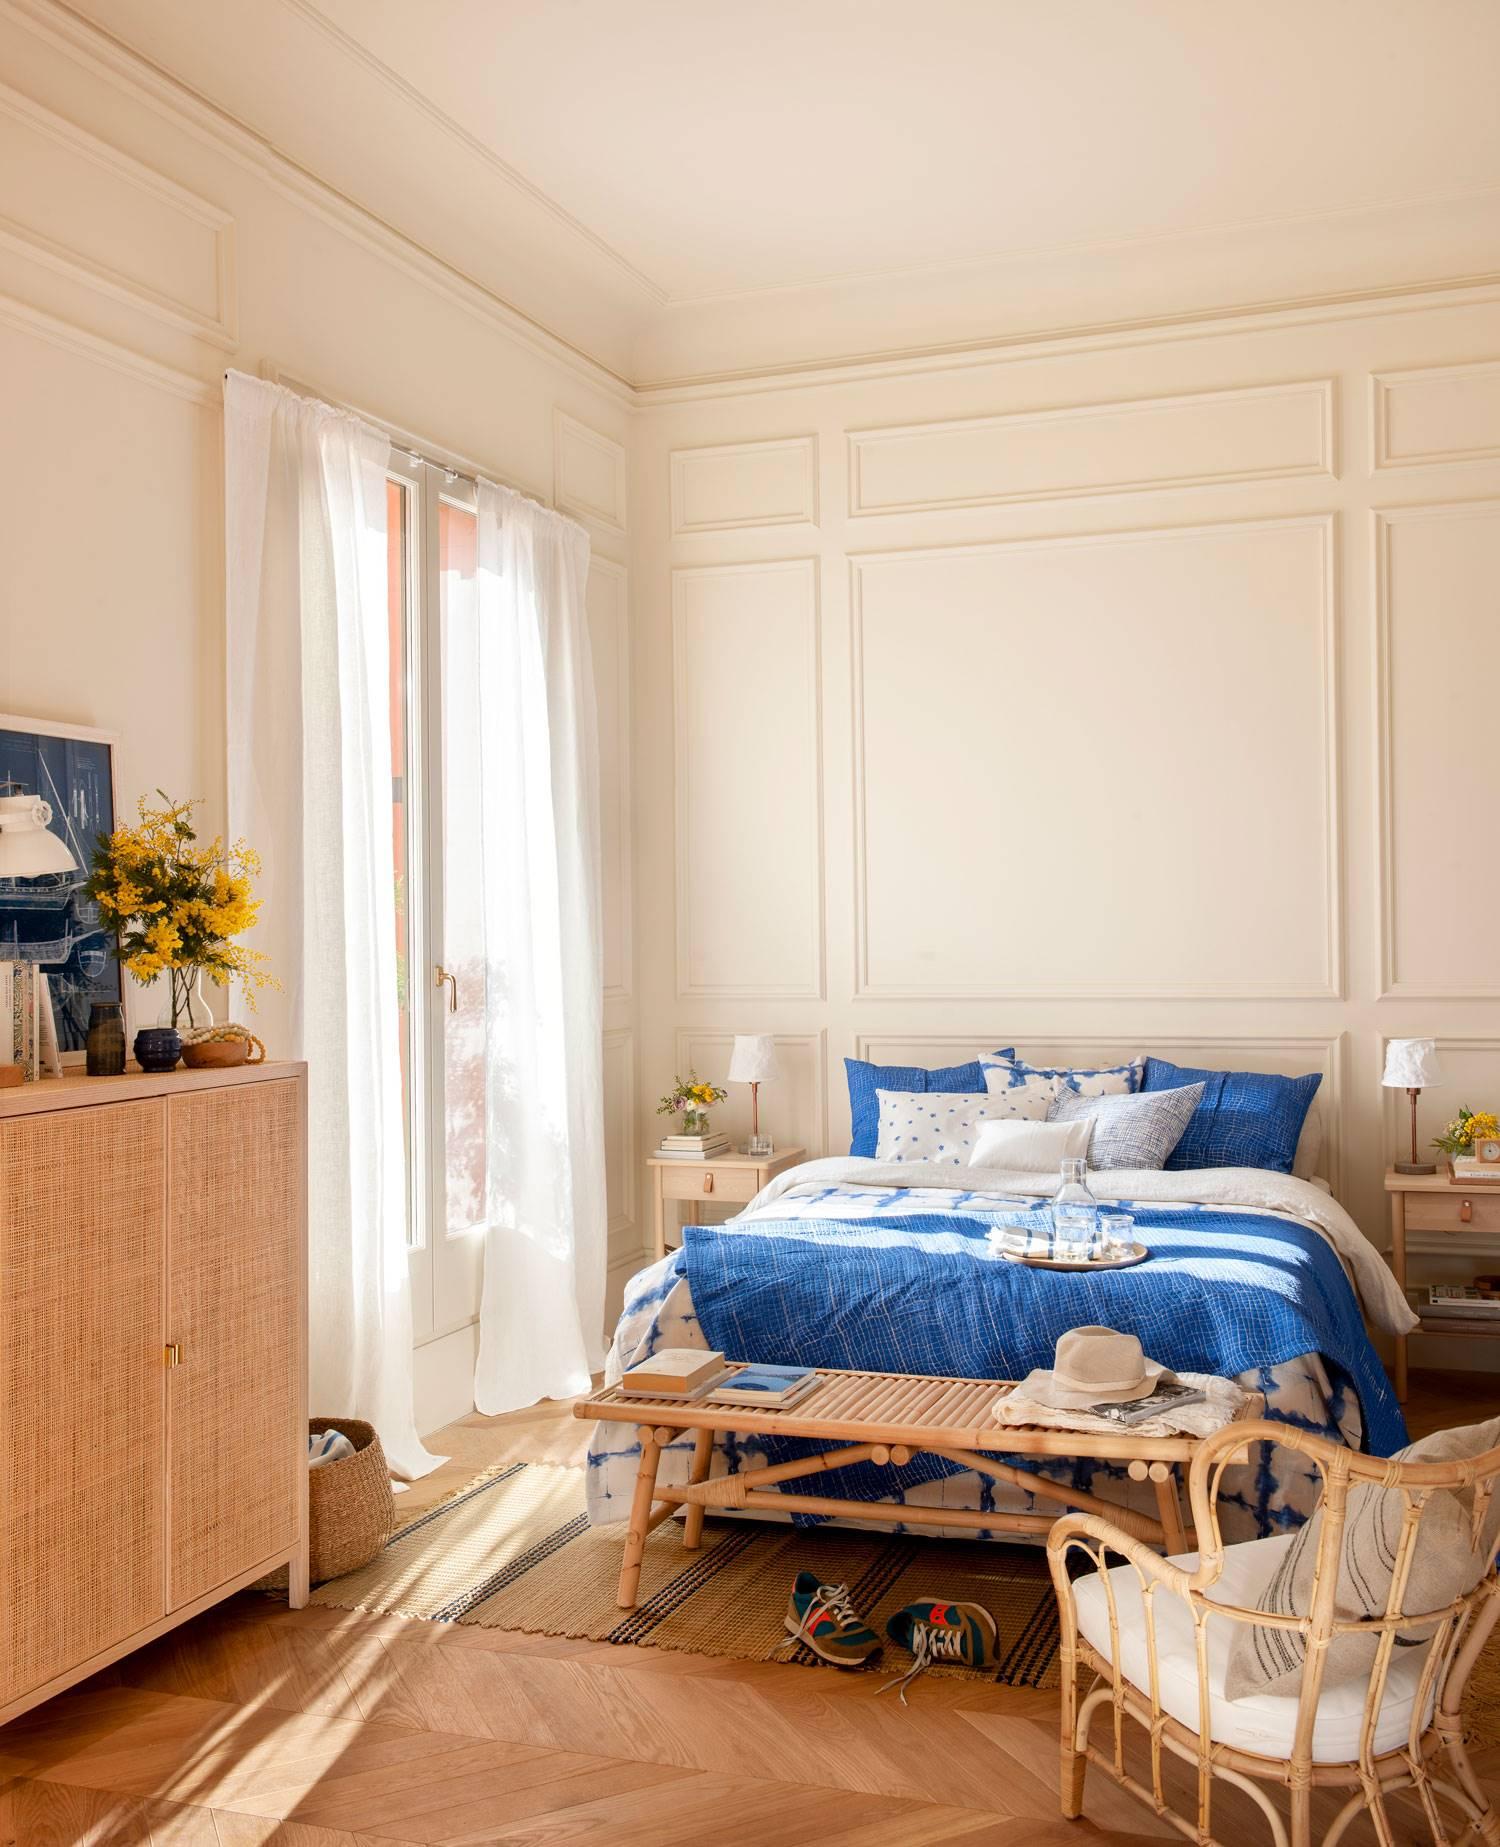 creo una cama con muebles d ikea